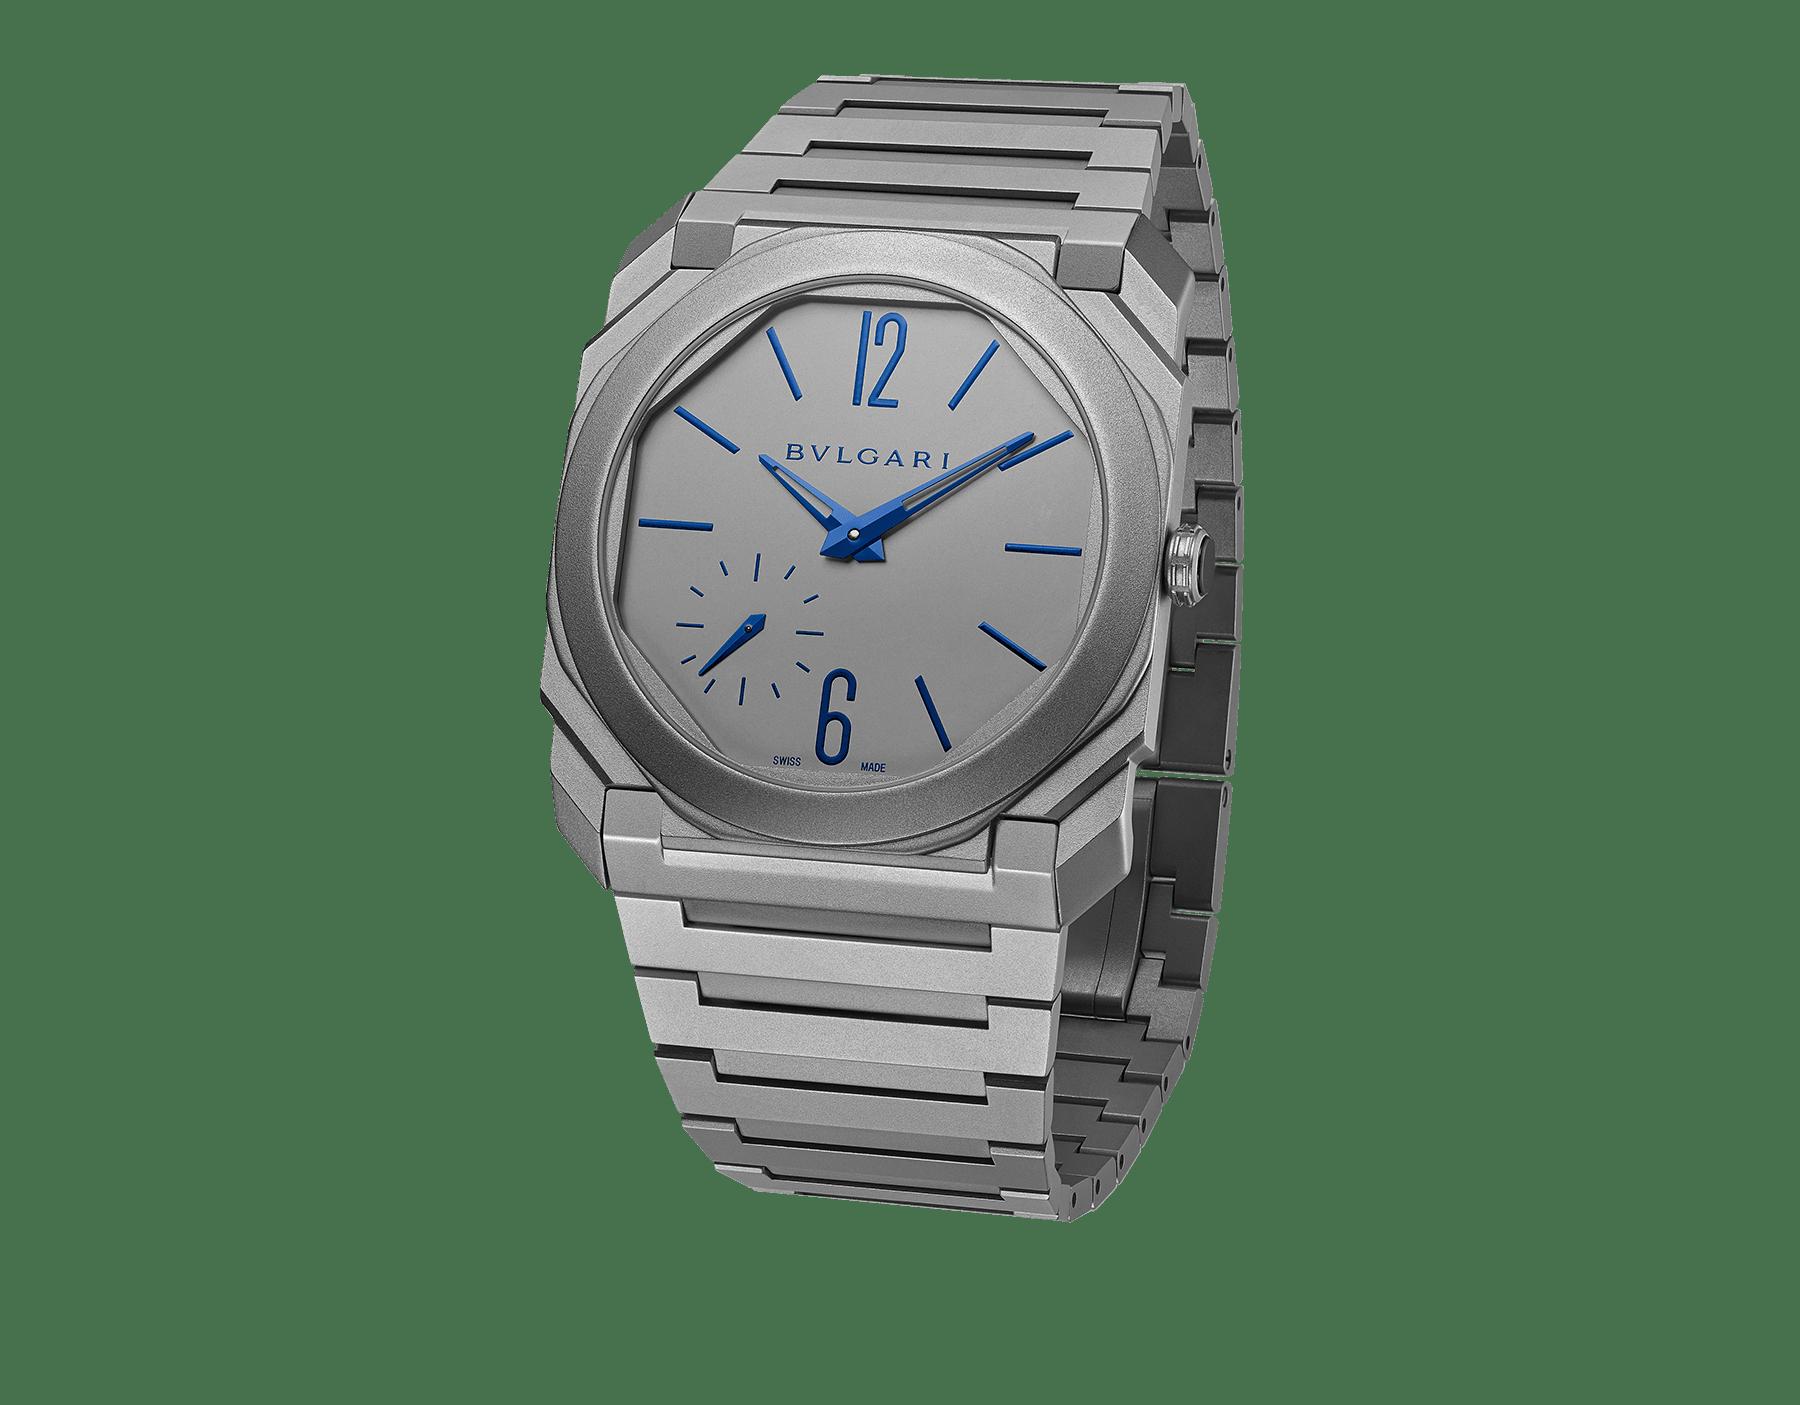 Relógio Octo Finissimo Automatic Edição Limitada com movimento de manufatura mecânico extrafino (2,23mm de espessura), corda automática, microrrotor de platina, pequenos segundos, caixa, mostrador e pulseira em titânio e índices e ponteiros azuis 102945 image 1